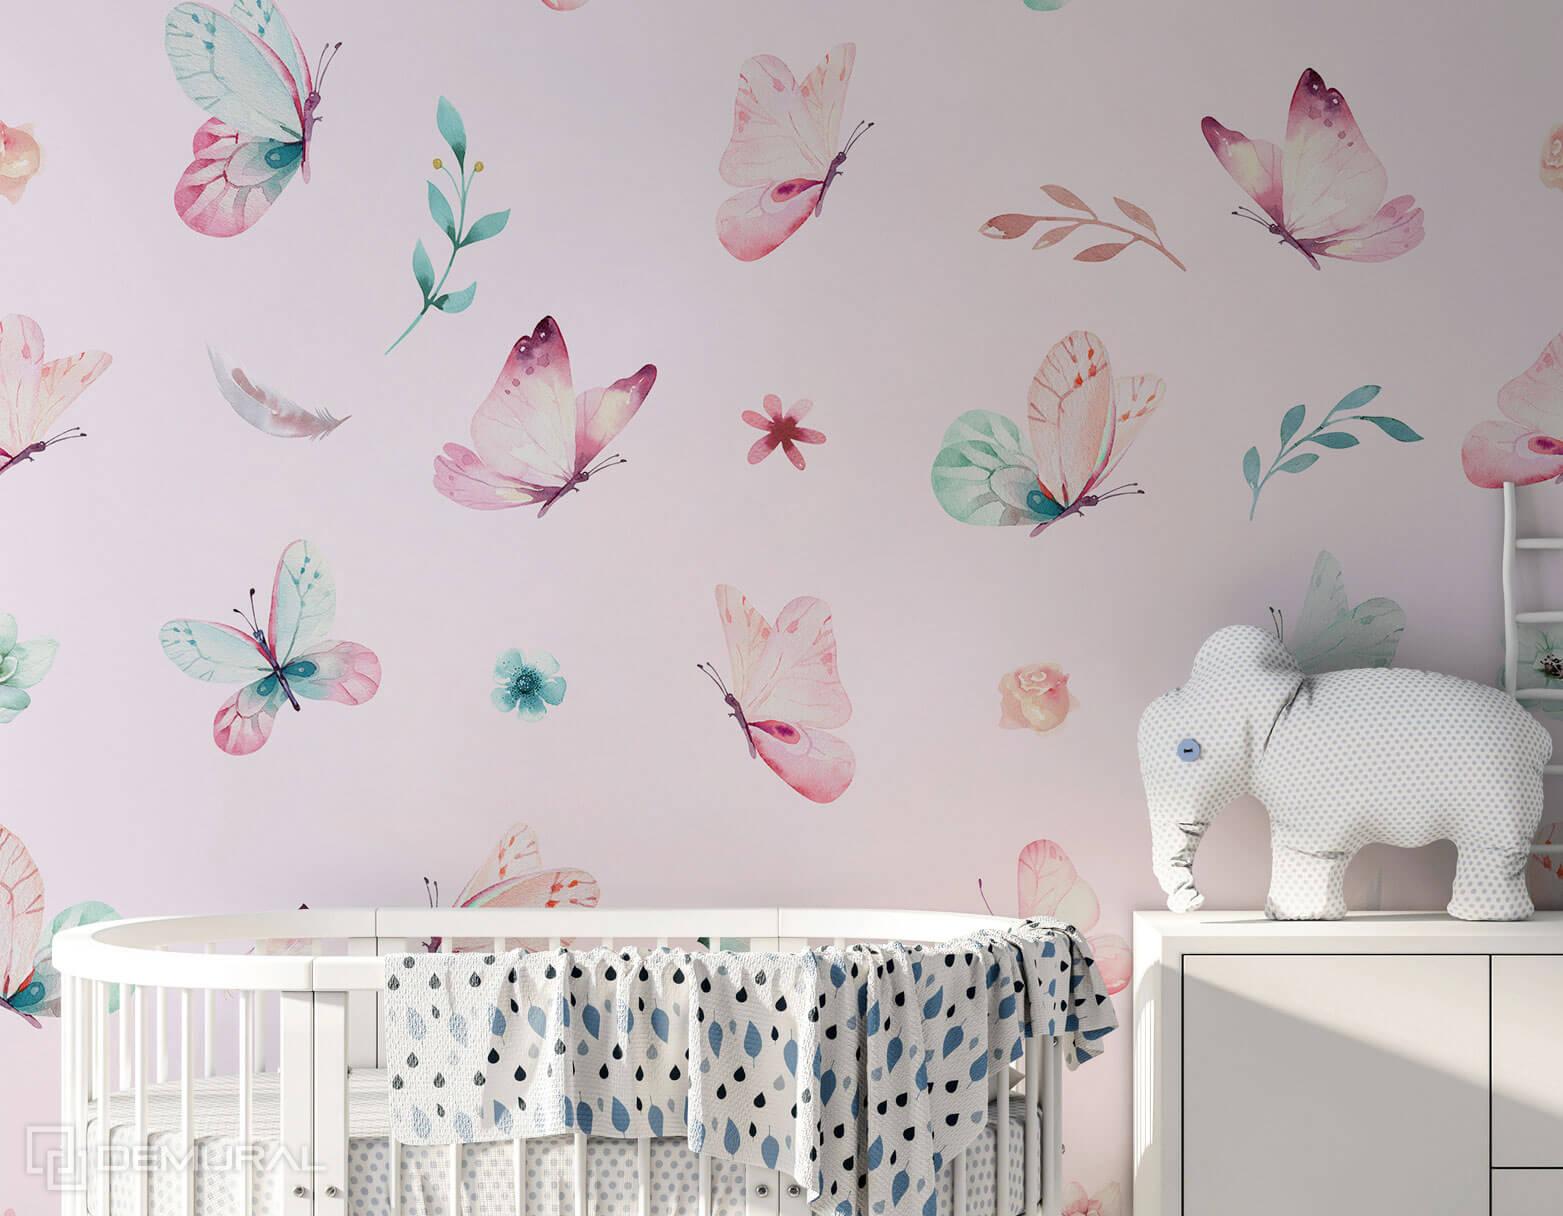 Photo wallpaper Dance of butterflies - Pink photo wallpaper - Demural